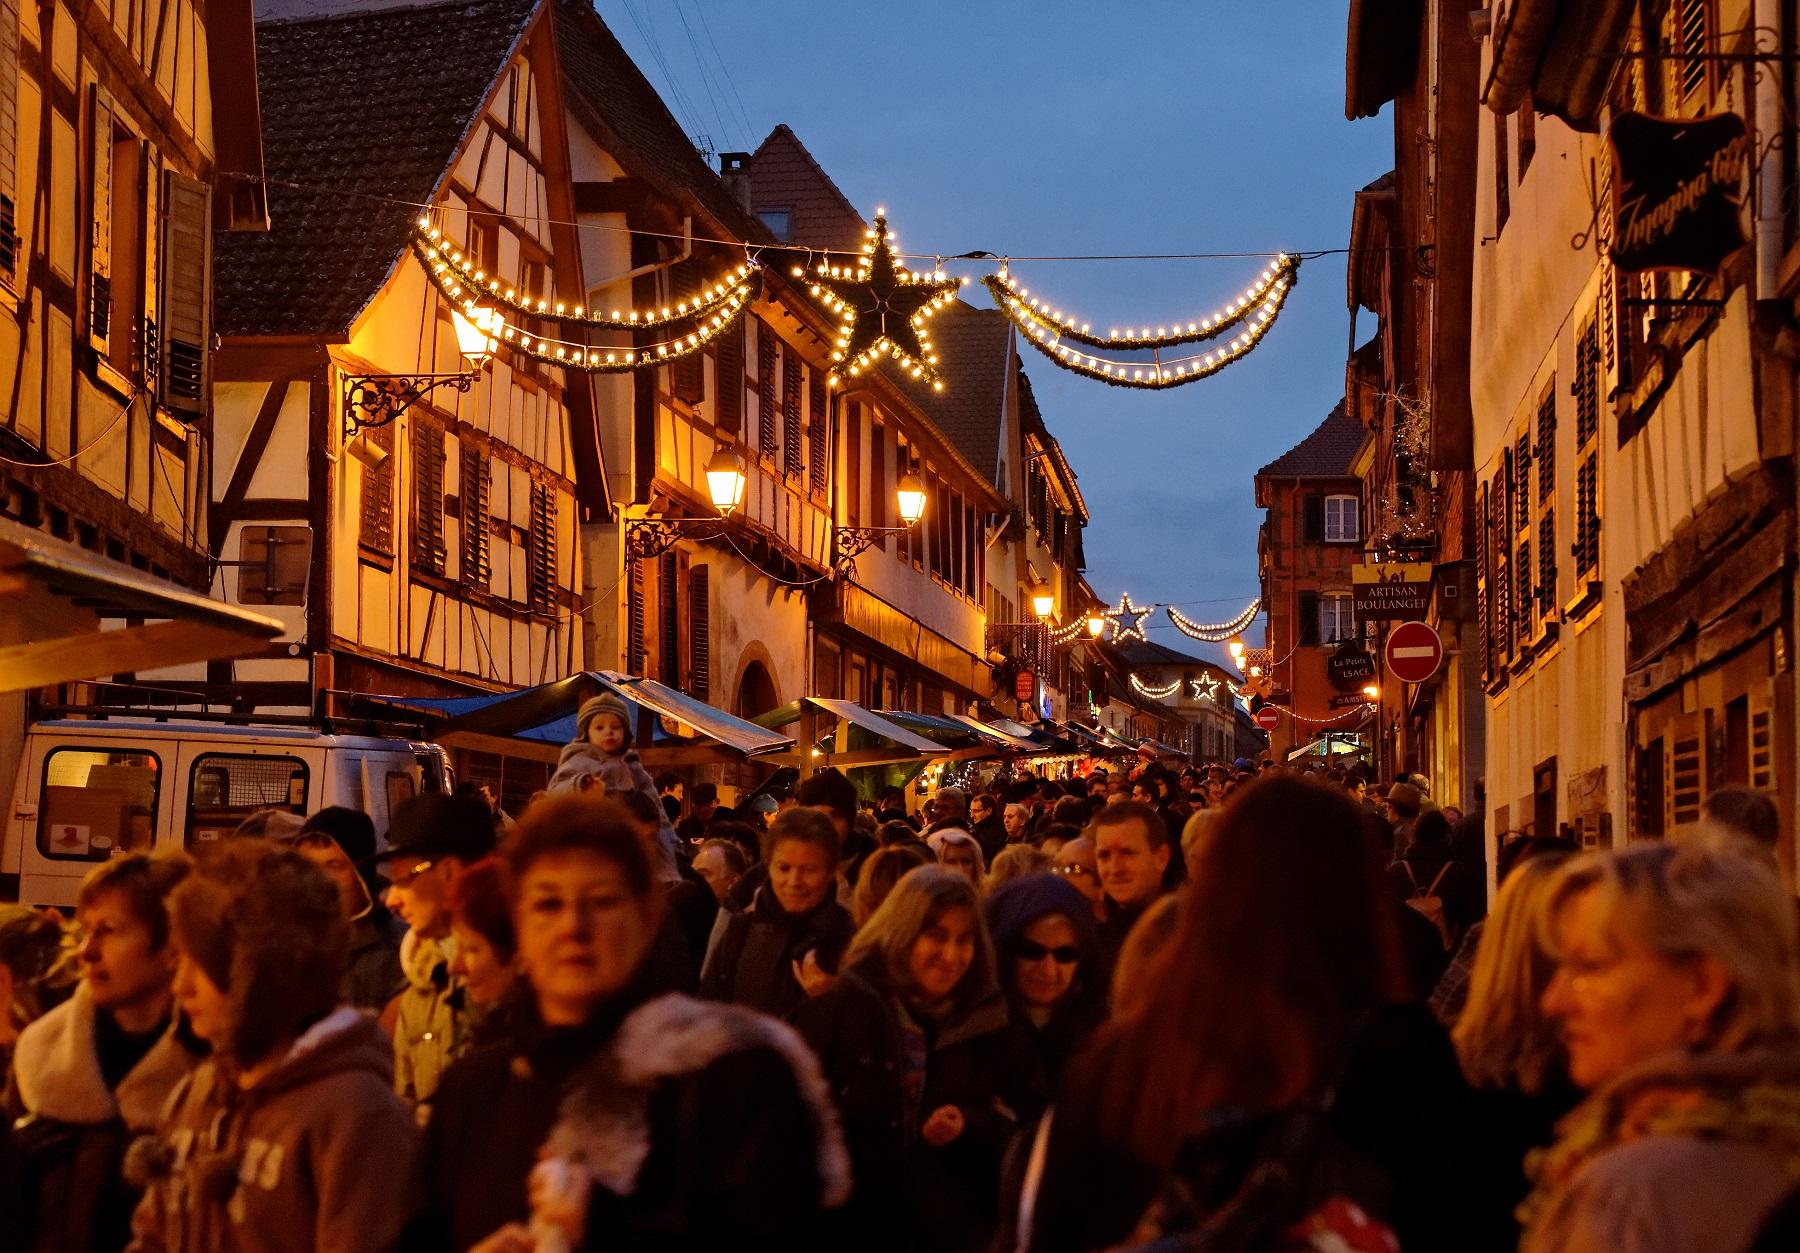 Marché de Noël de Bouxwiller